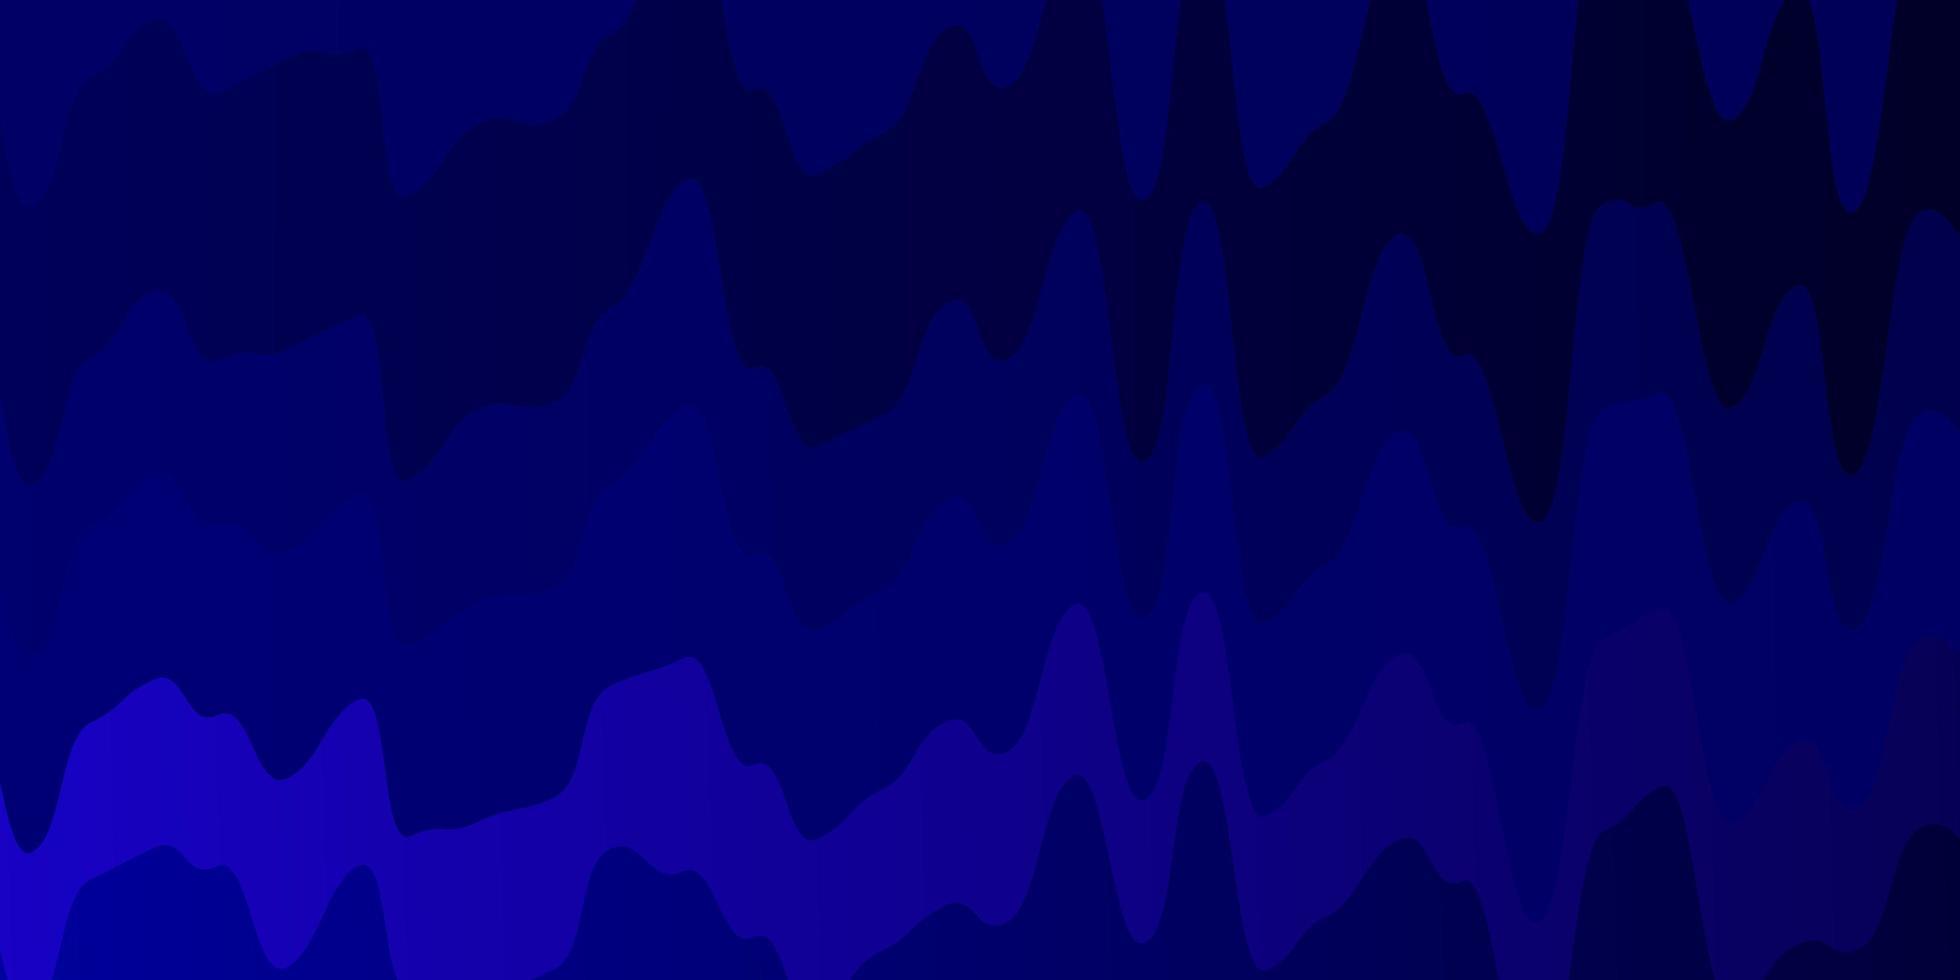 modèle vectoriel rose foncé, bleu avec des lignes courbes.